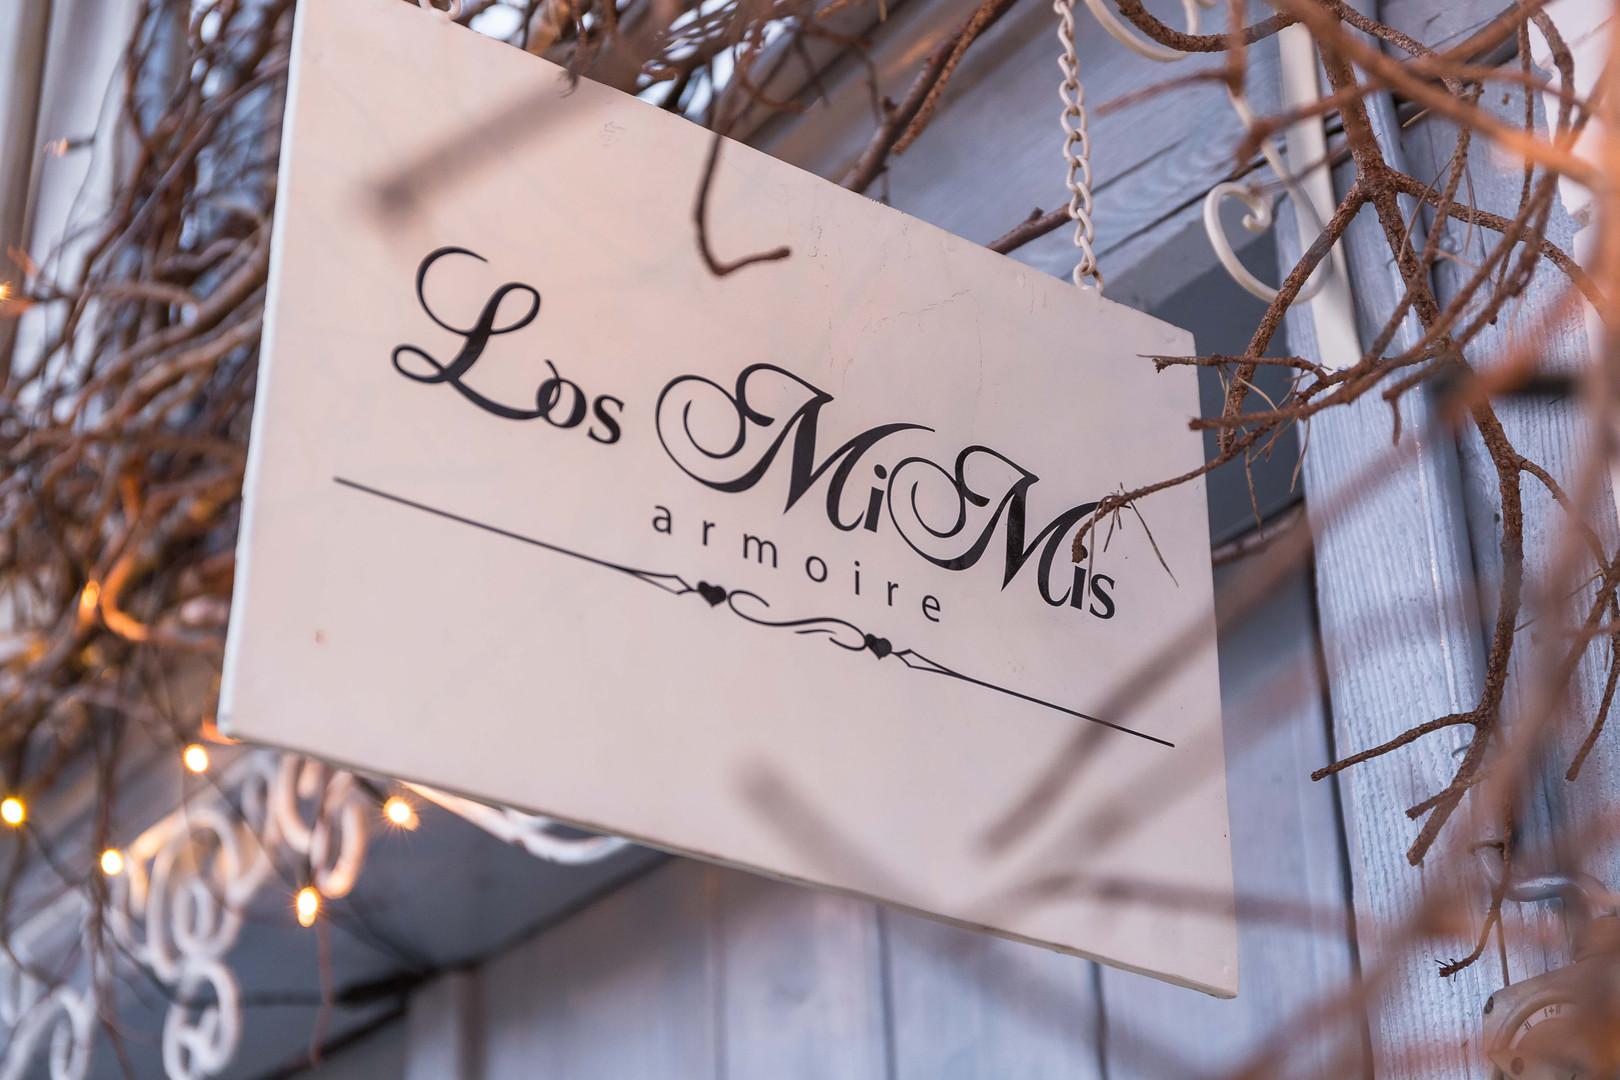 2019 Los Mimis Armoir, Website 67.JPG